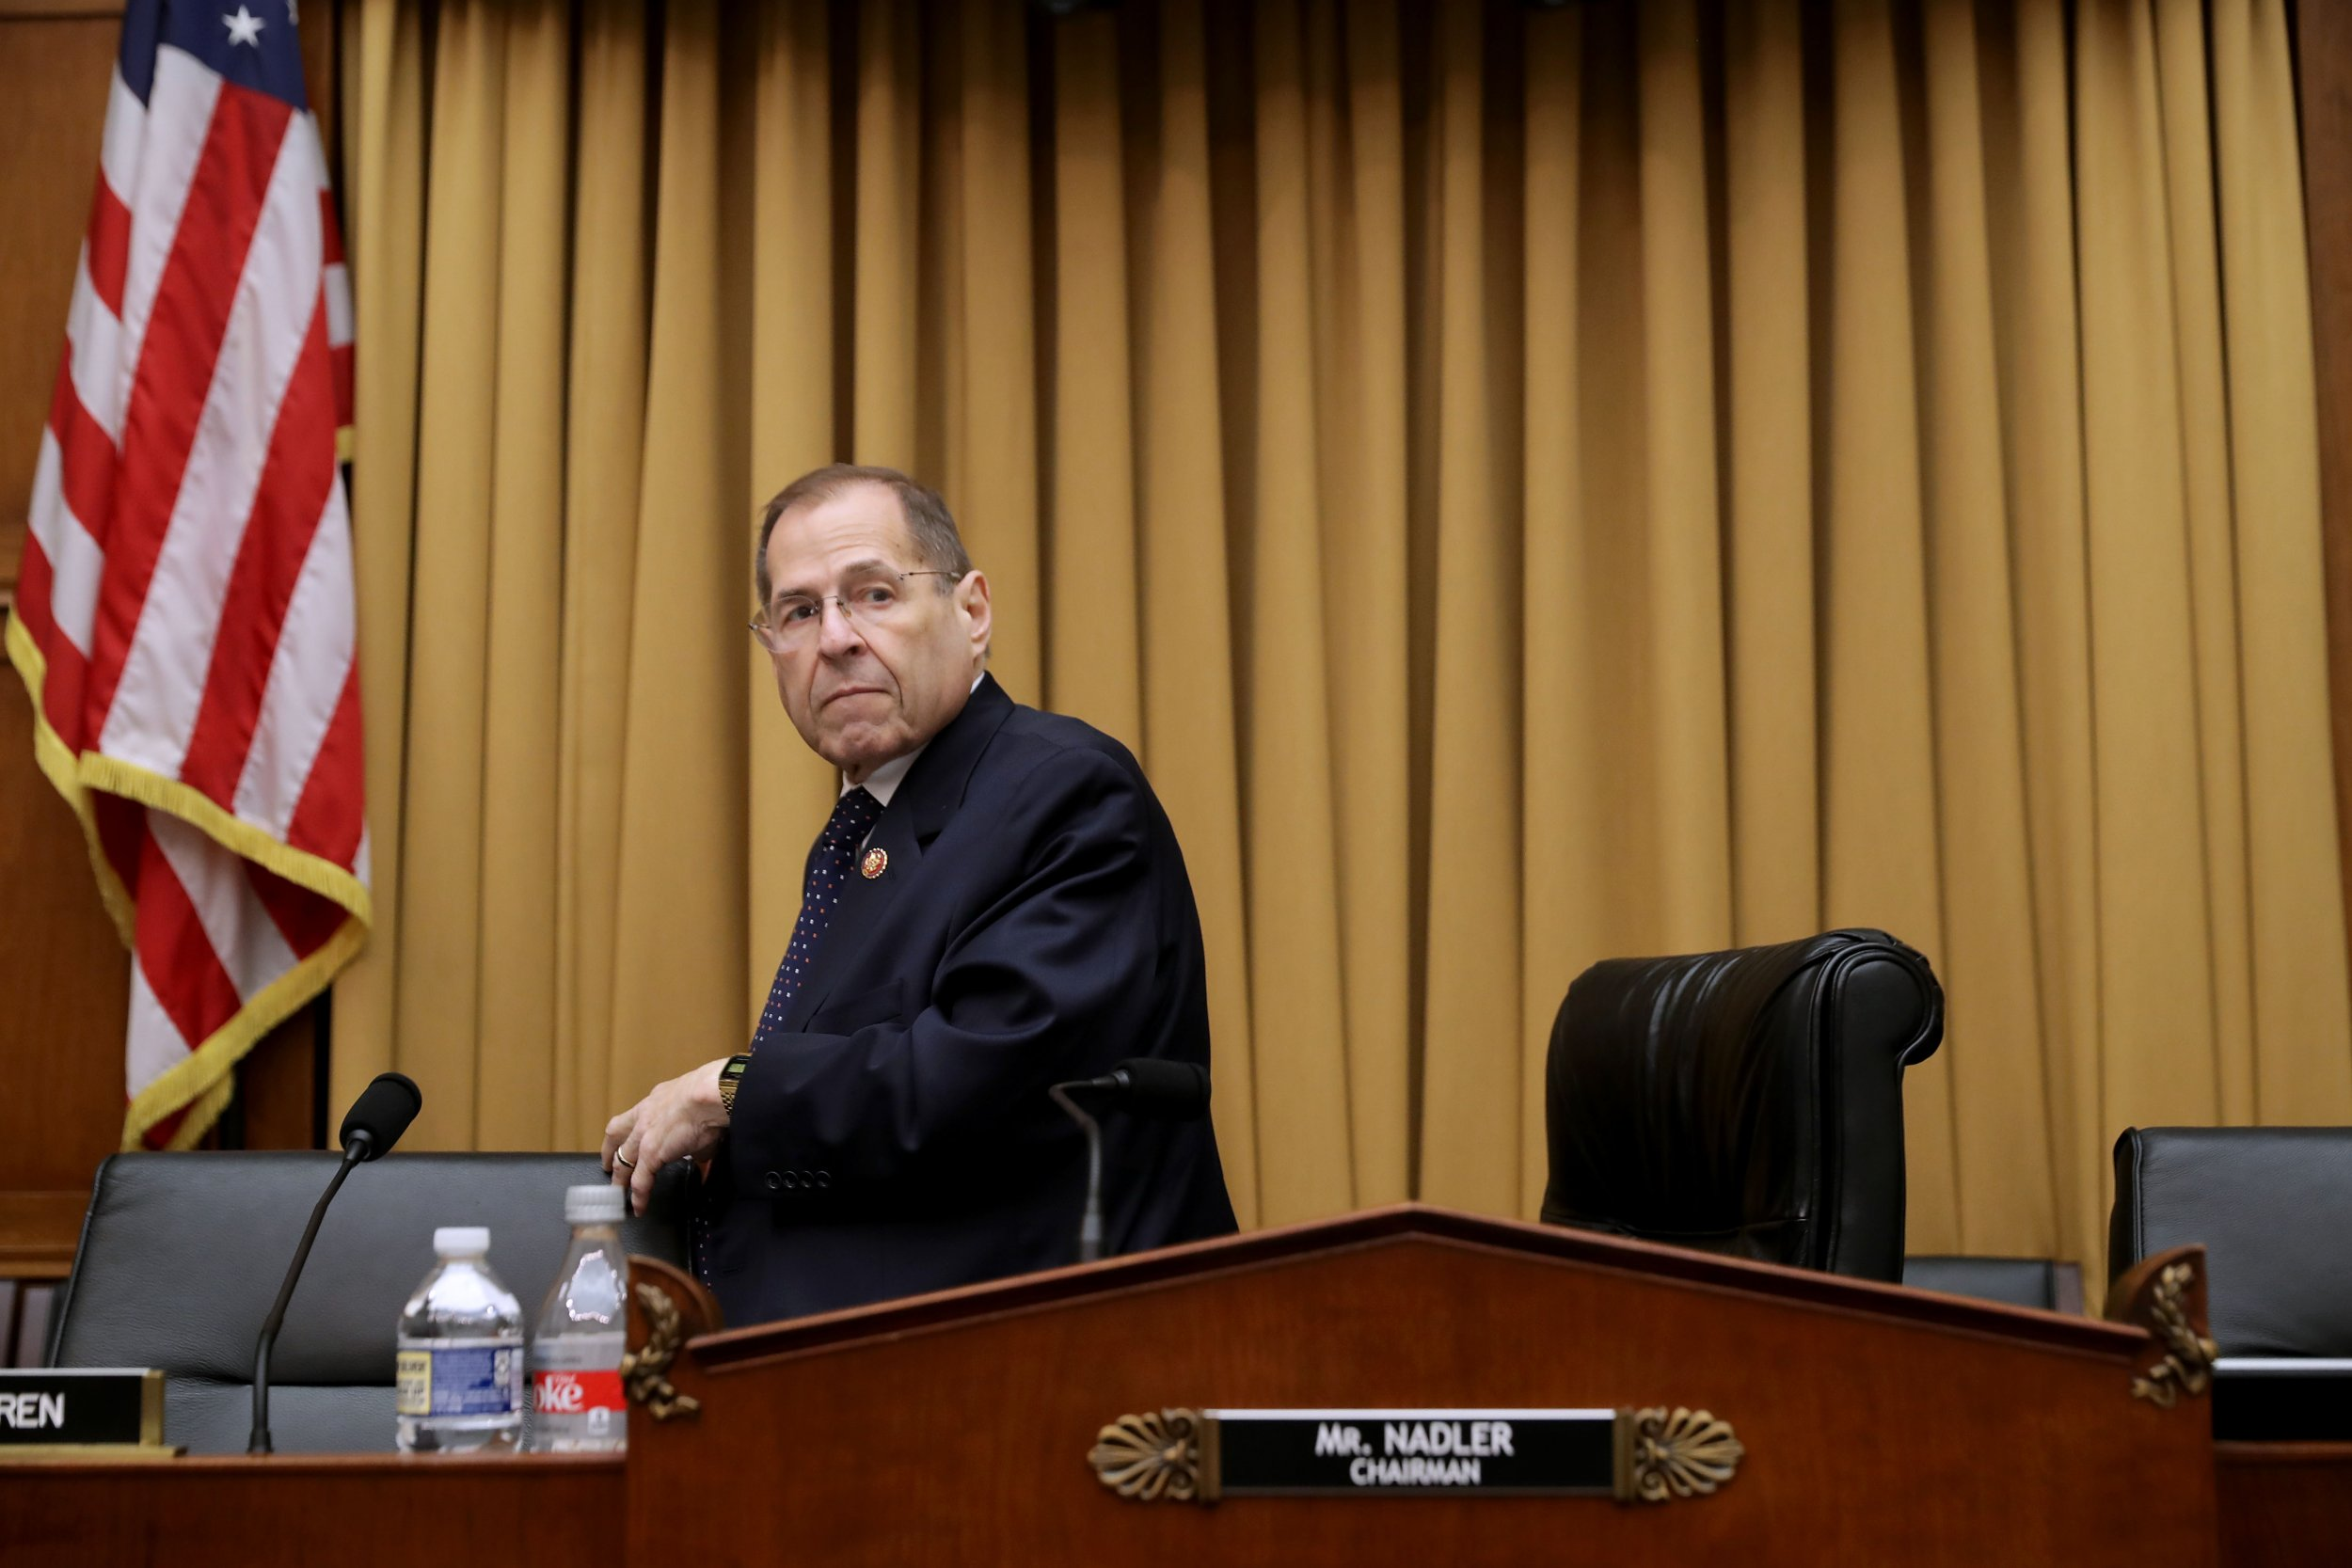 Jerry Nadler, Robert Mueller won't testify next week